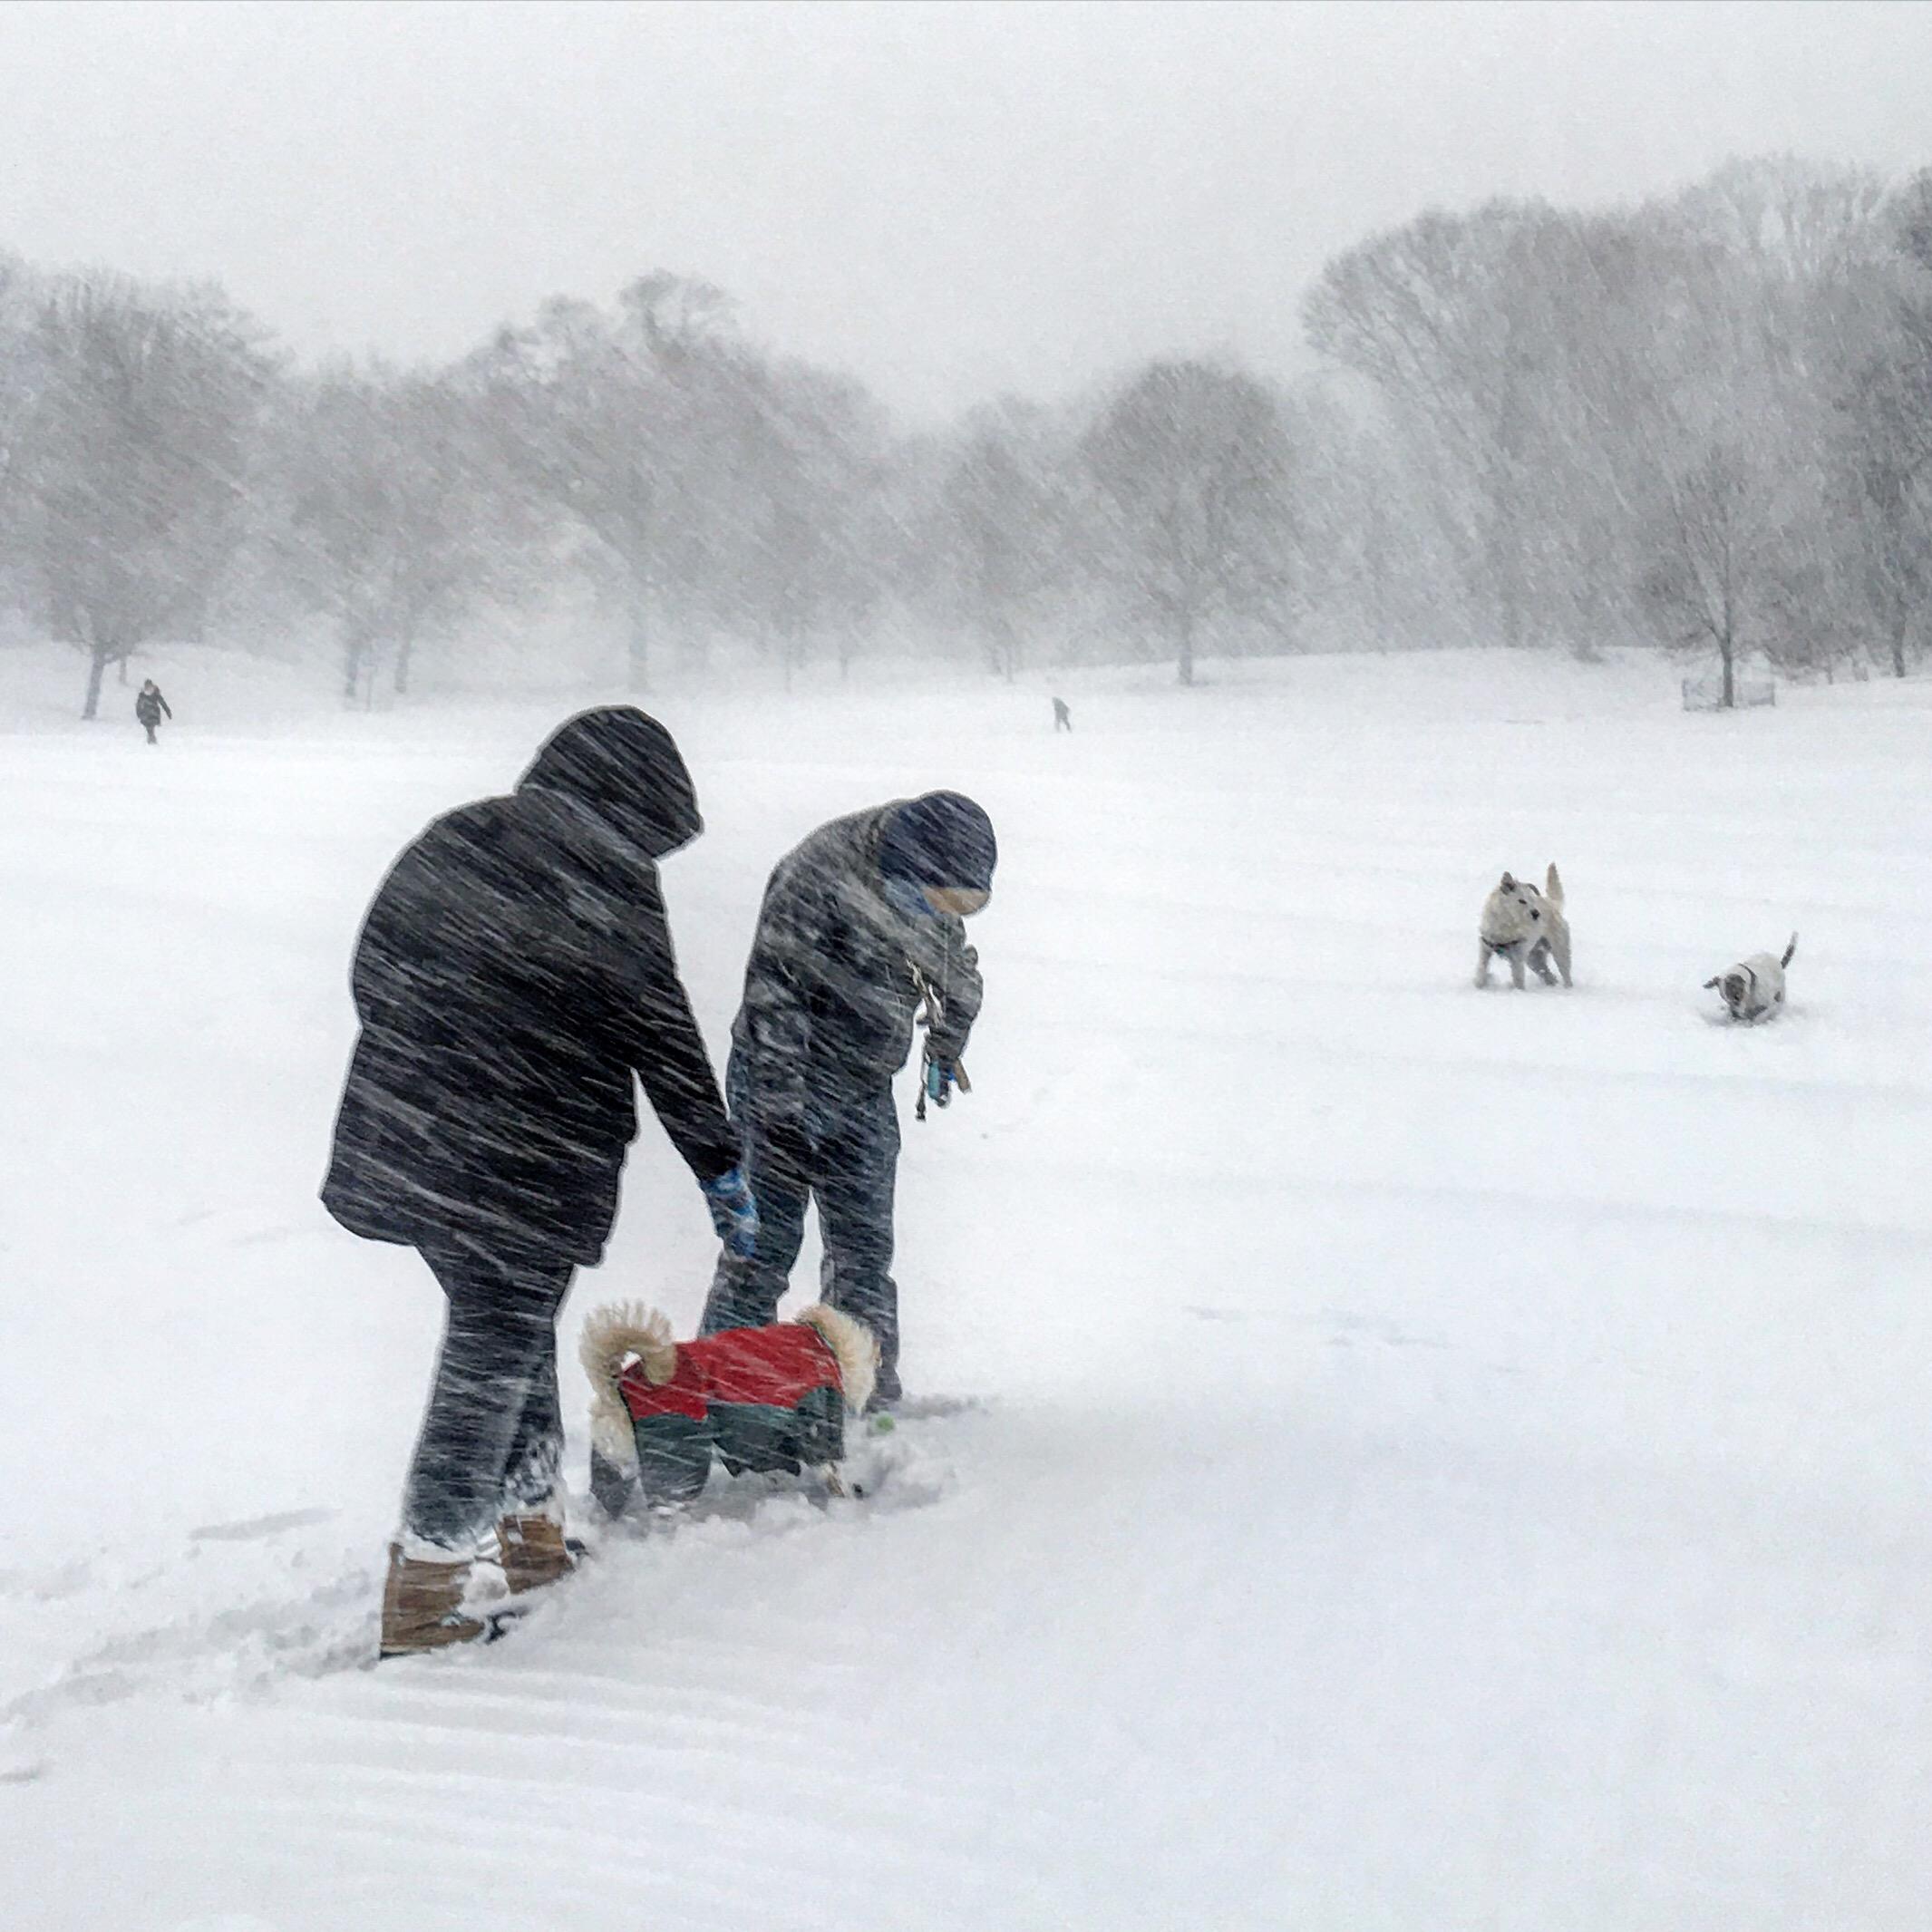 Śnieżna zima w Nowym Jorku